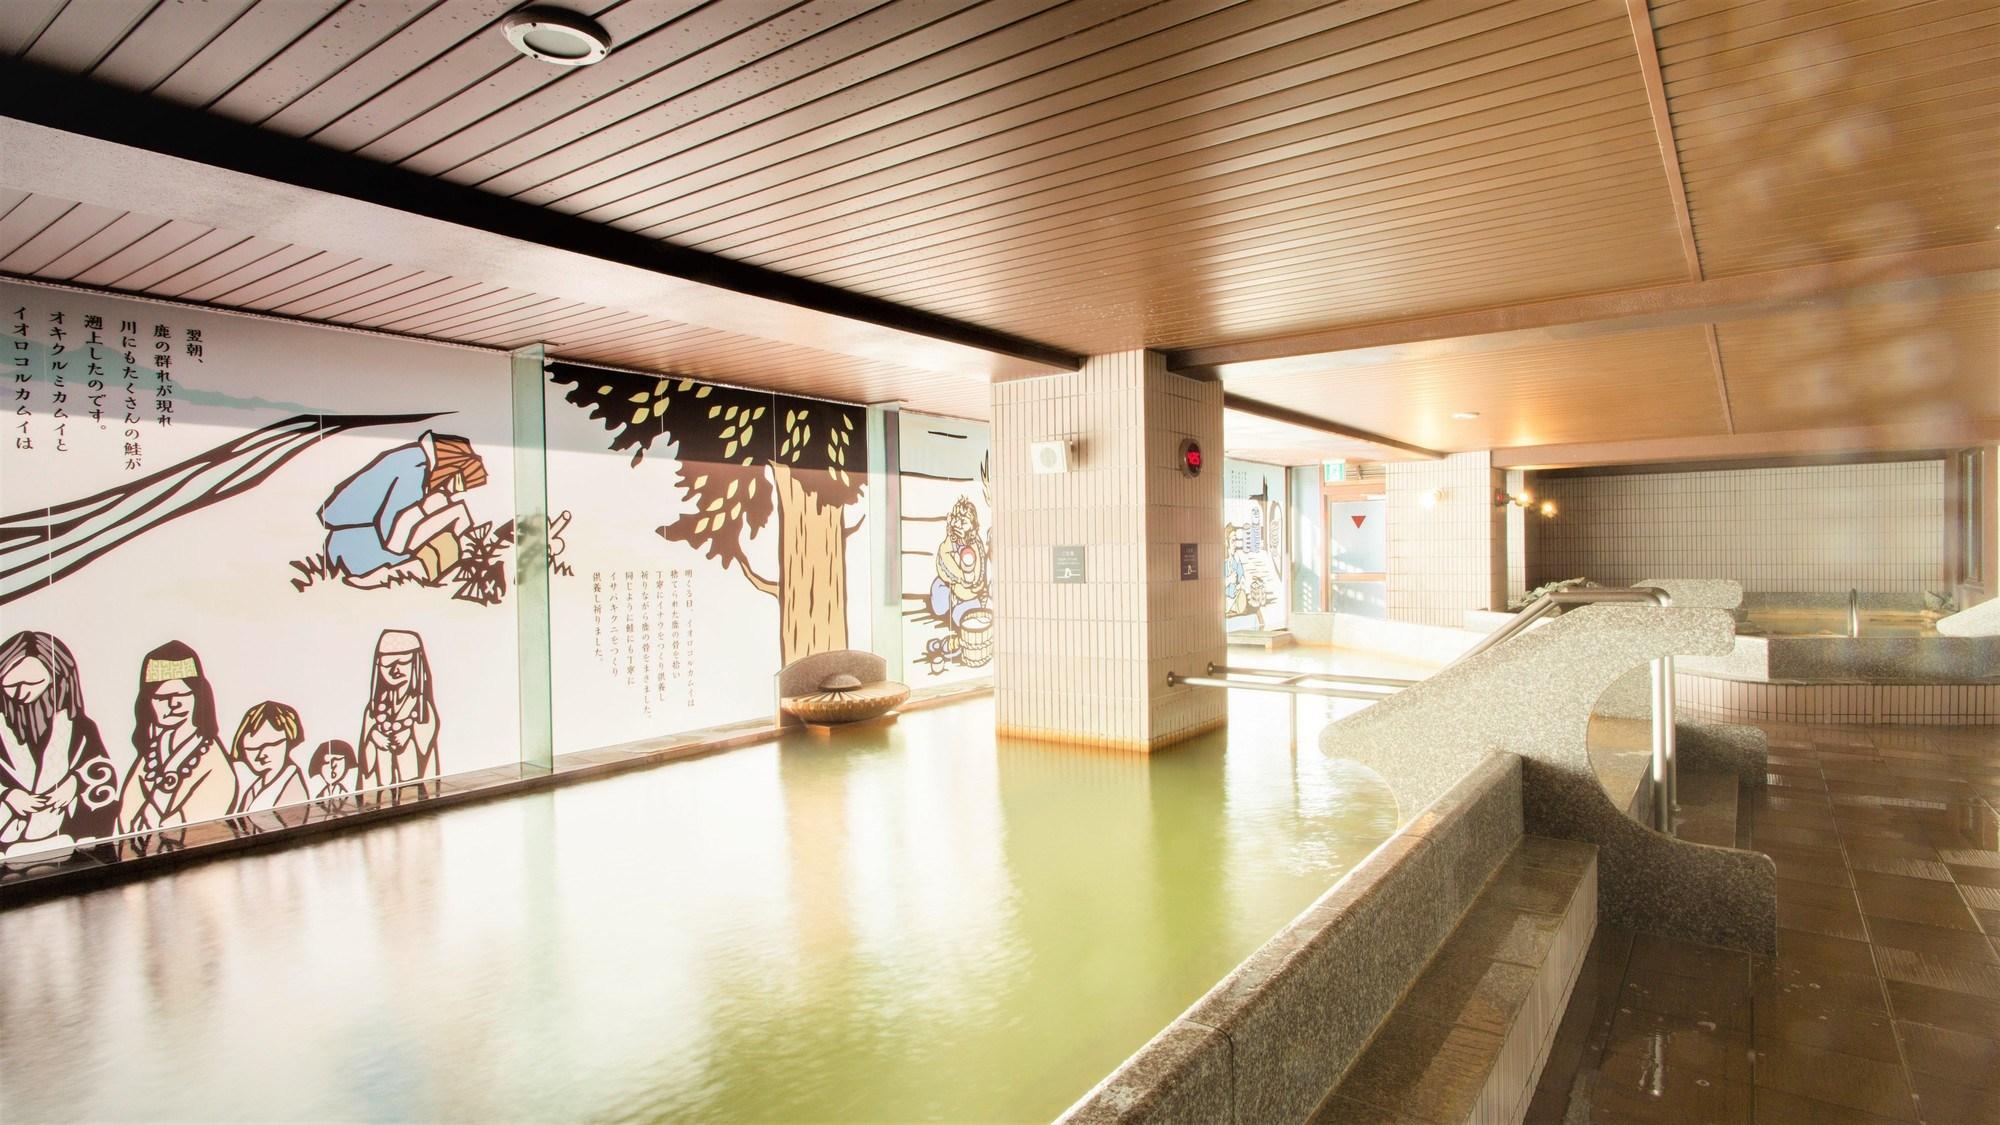 【3F女性大浴場「マッネシリ」】壁に描かれたアイヌの物語を読みながら、湯浴みをお愉しみください。